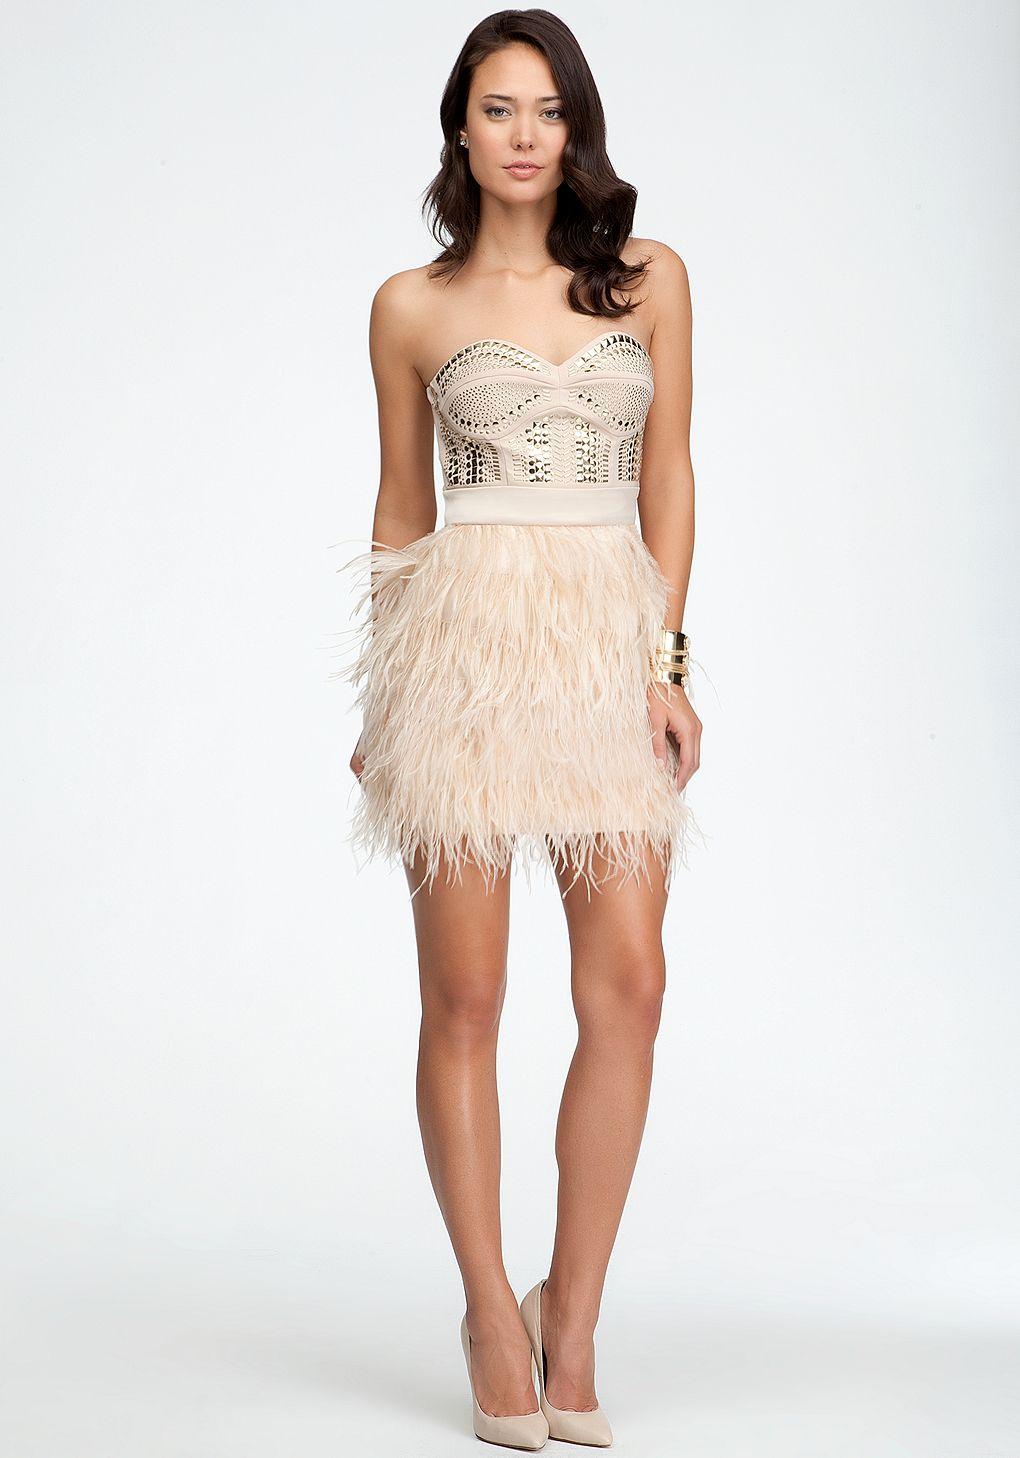 22+ Bebe feather dress ideas in 2021